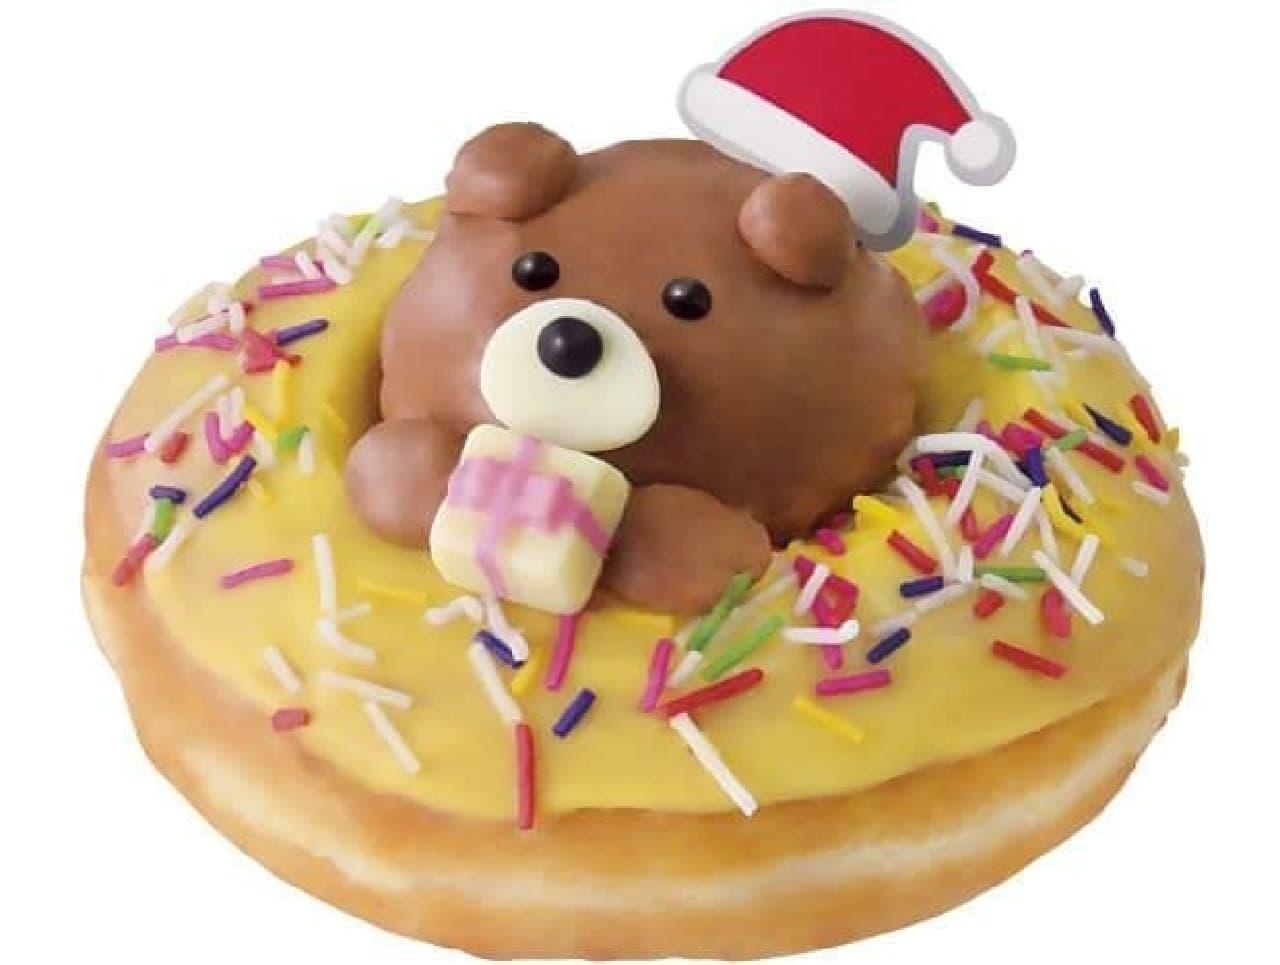 「クリスピー・クリーム プレミアム プレゼント ベア」は、チョコホイップで出来たサンタのクマがトッピングされたドーナツ